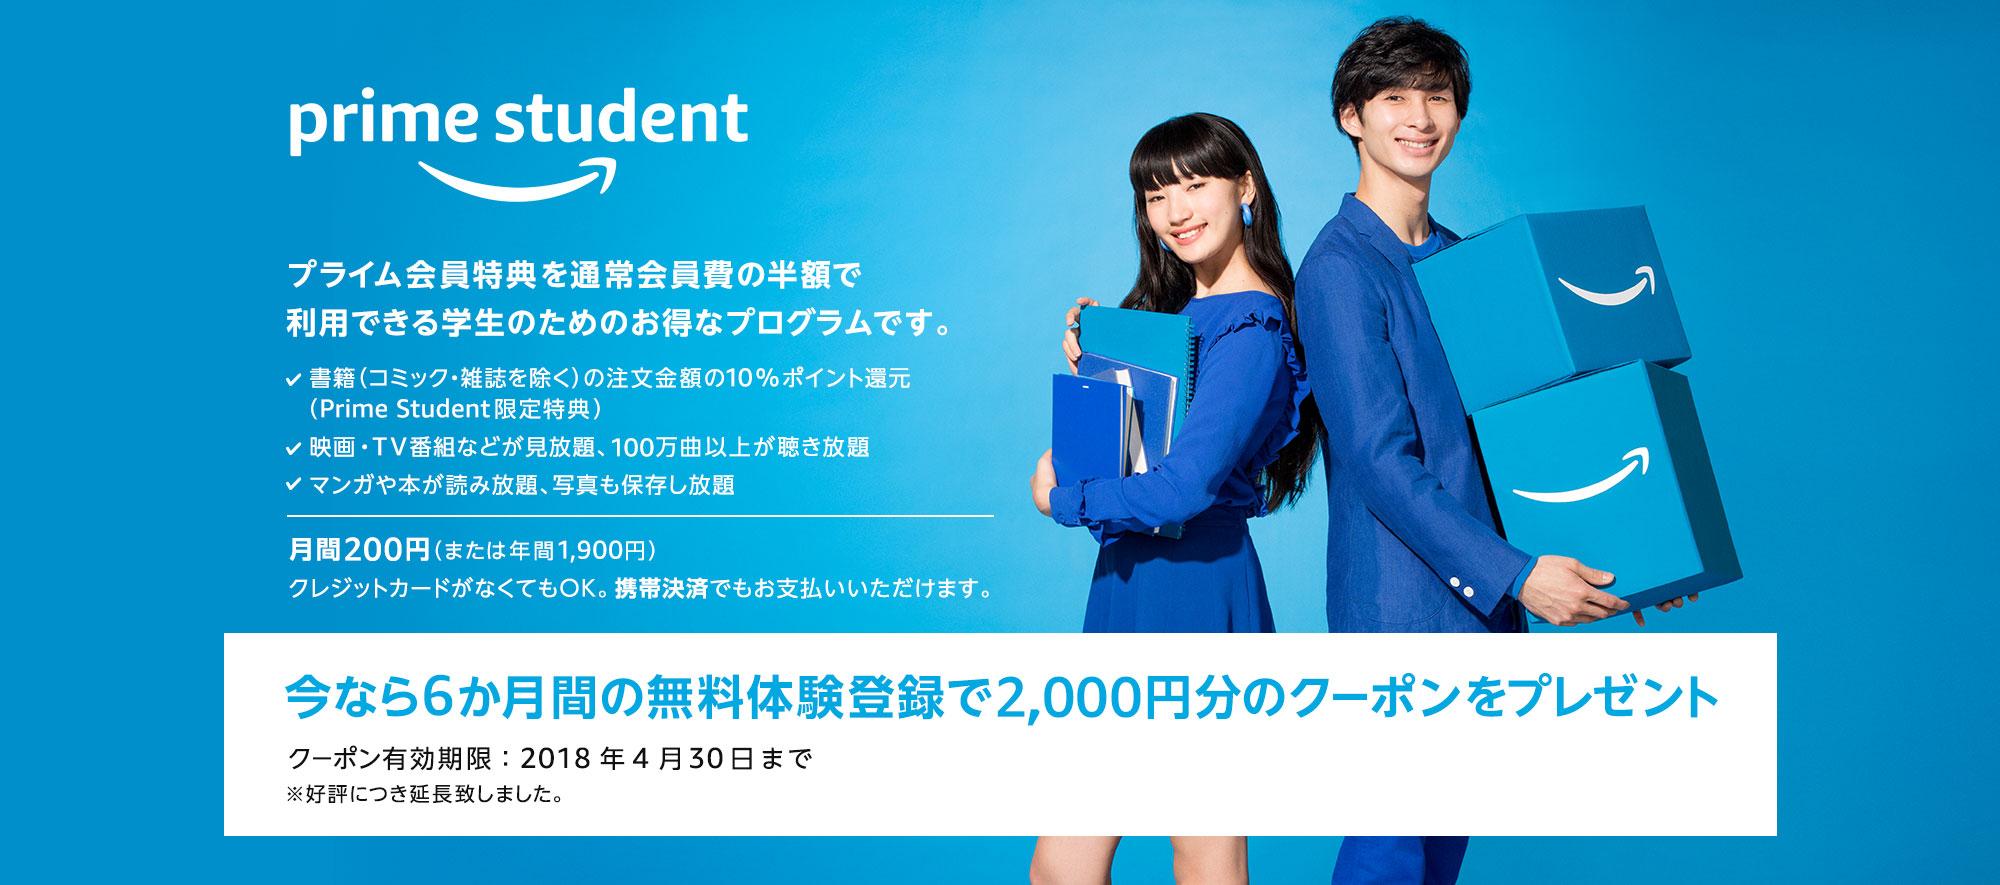 Amazon、学生ならプライムが月額200円+6ヶ月無料になる新プランを発表